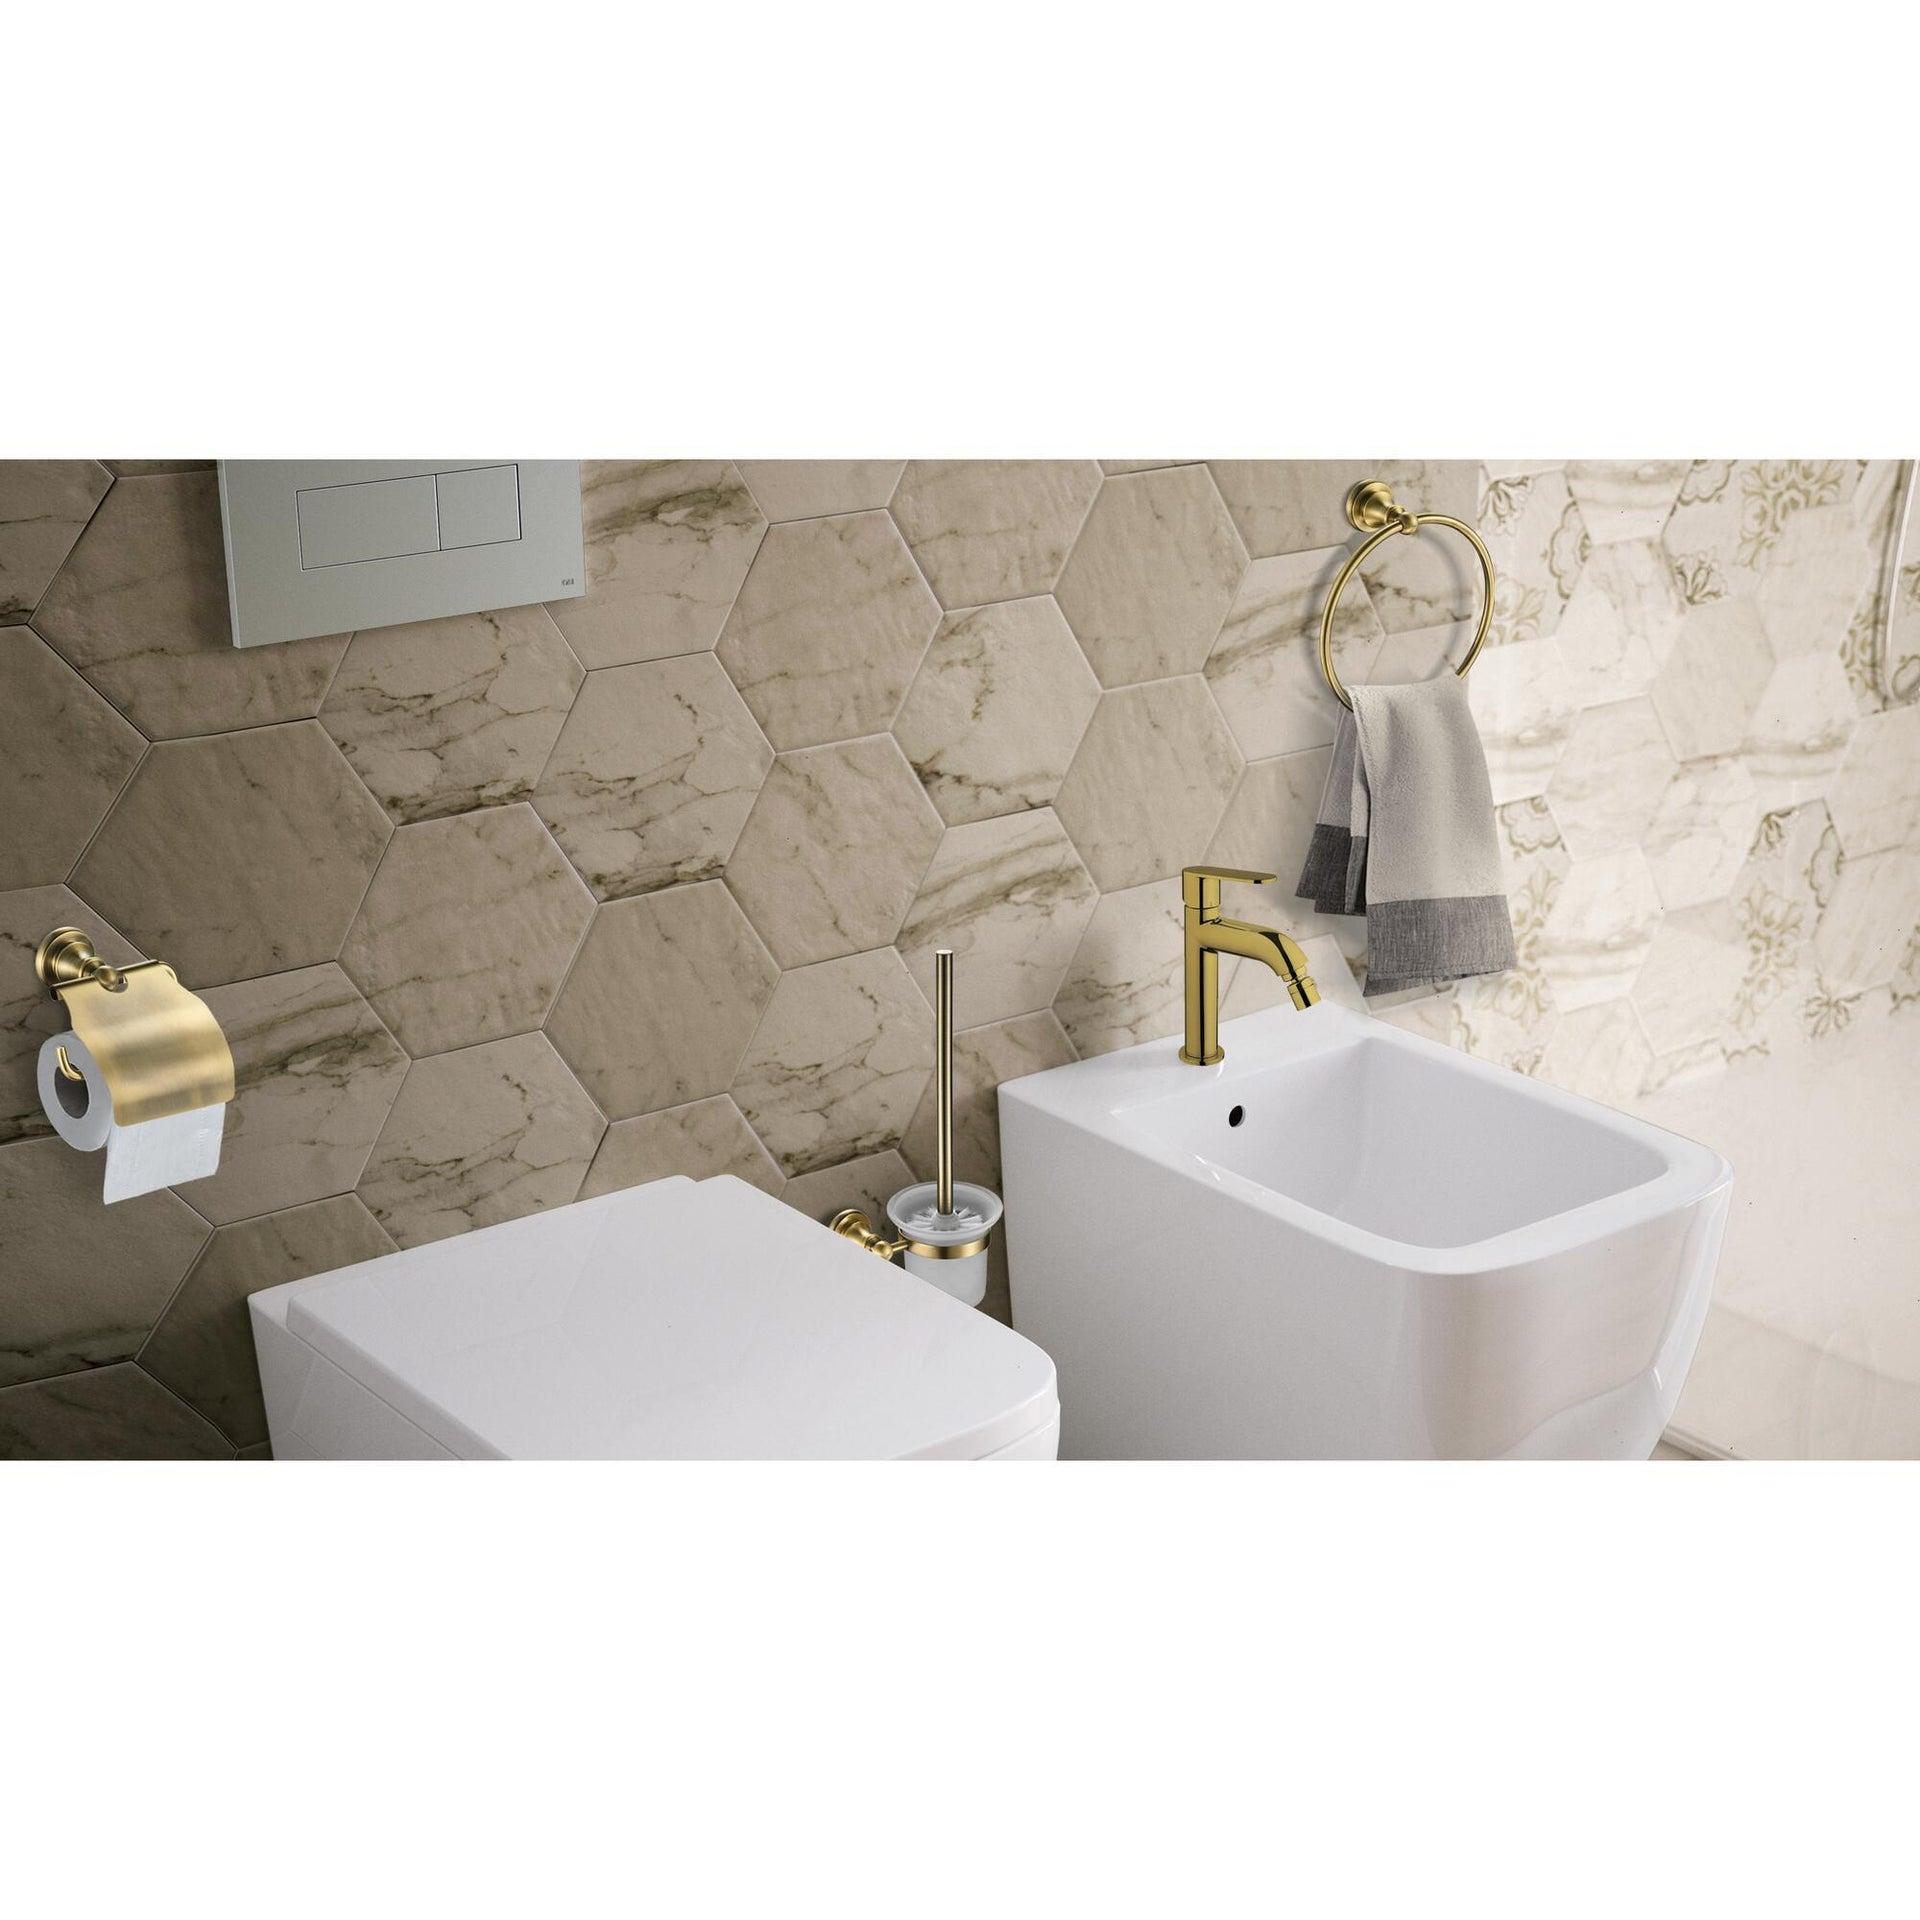 Porta scopino wc a muro in ottone oro - 2